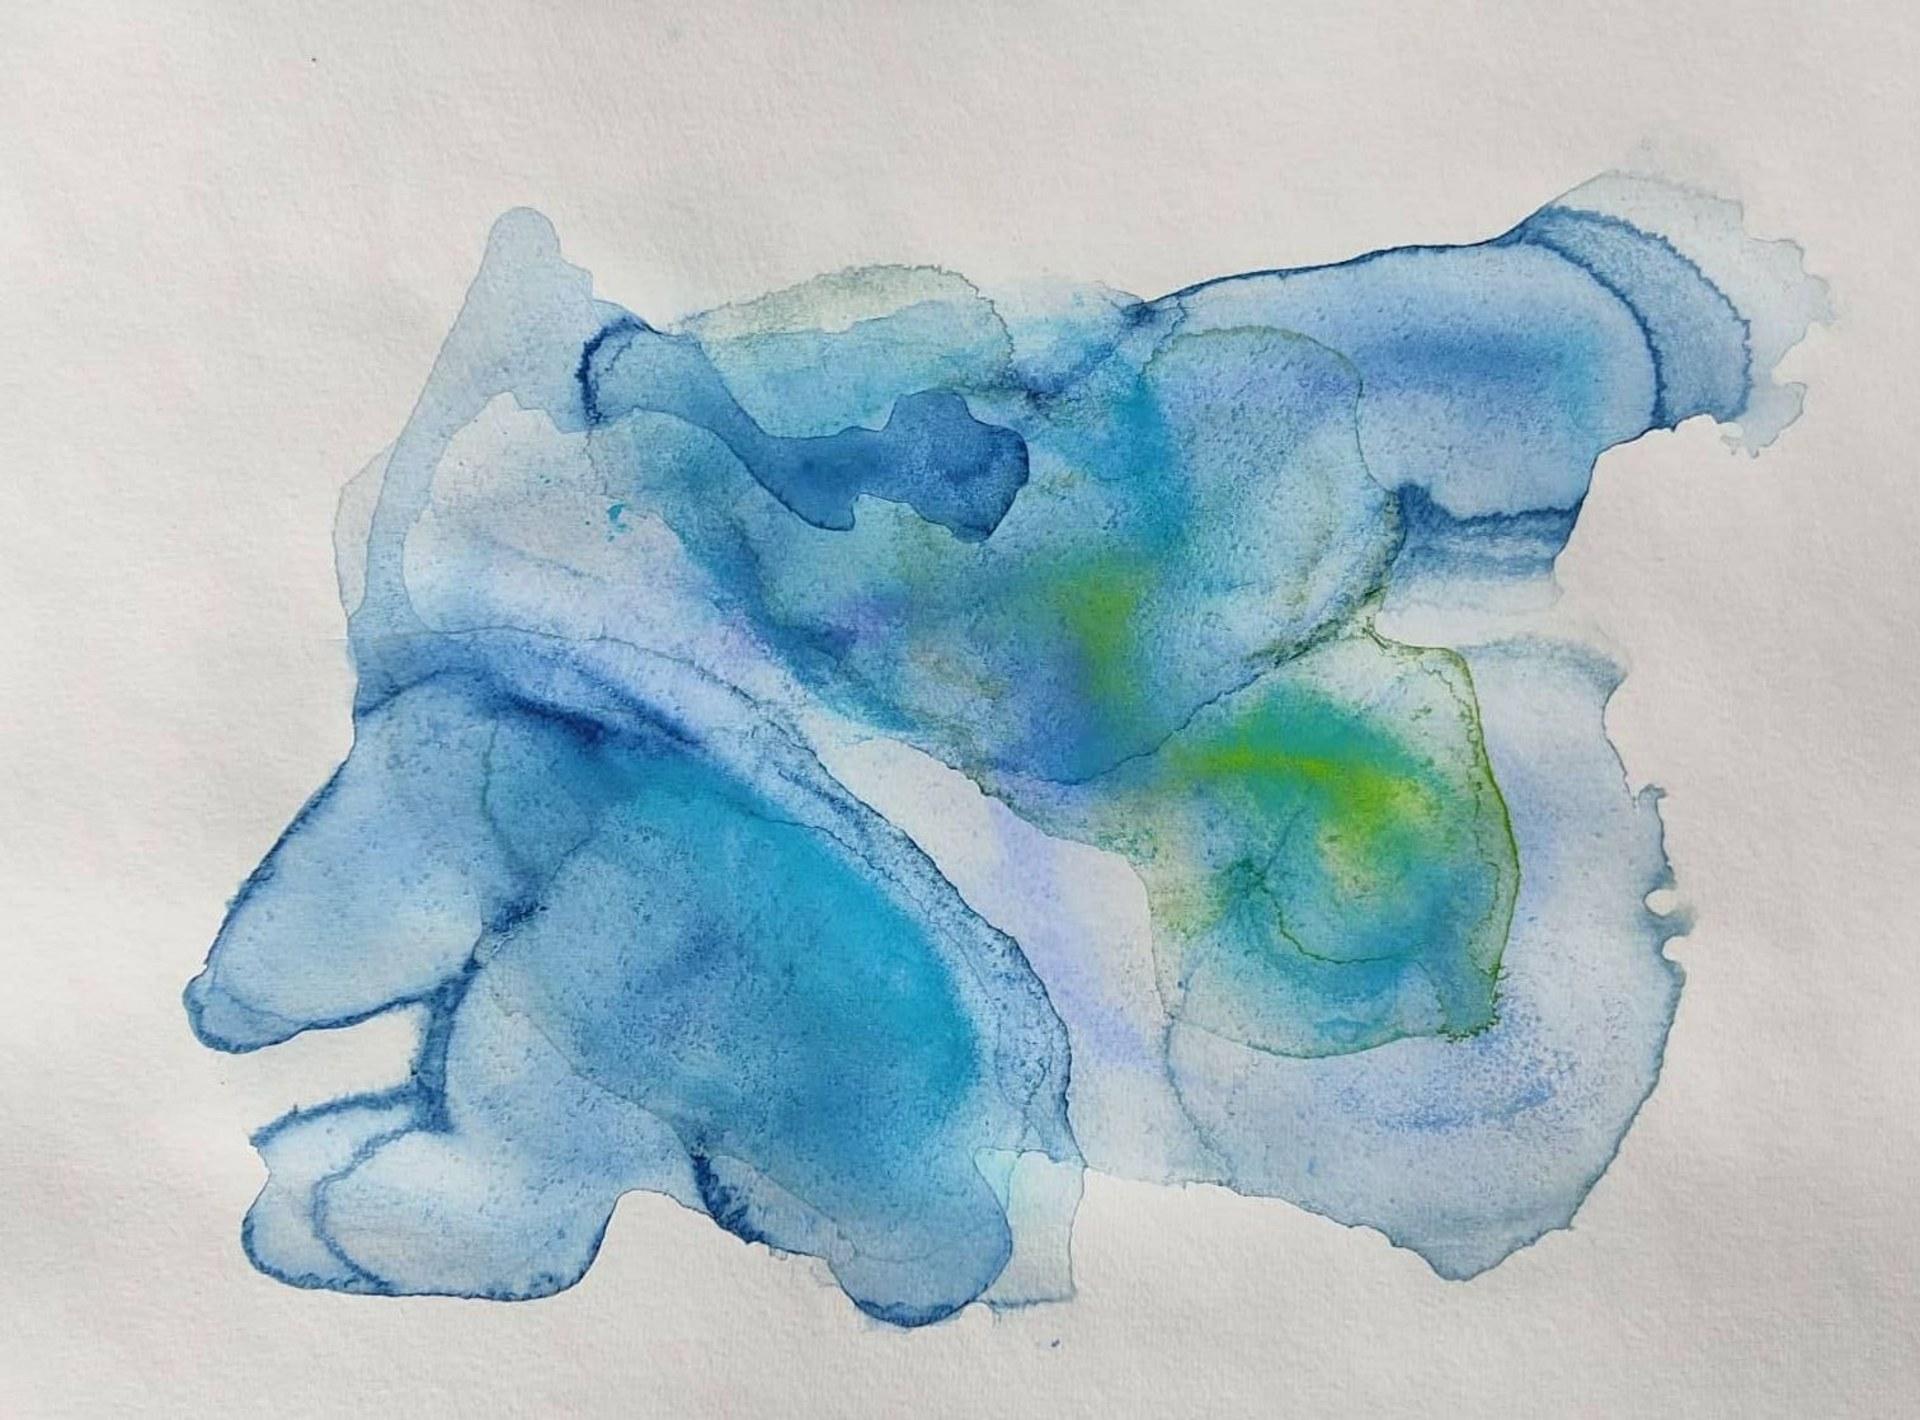 Blue ice. 42 x 29 cm.